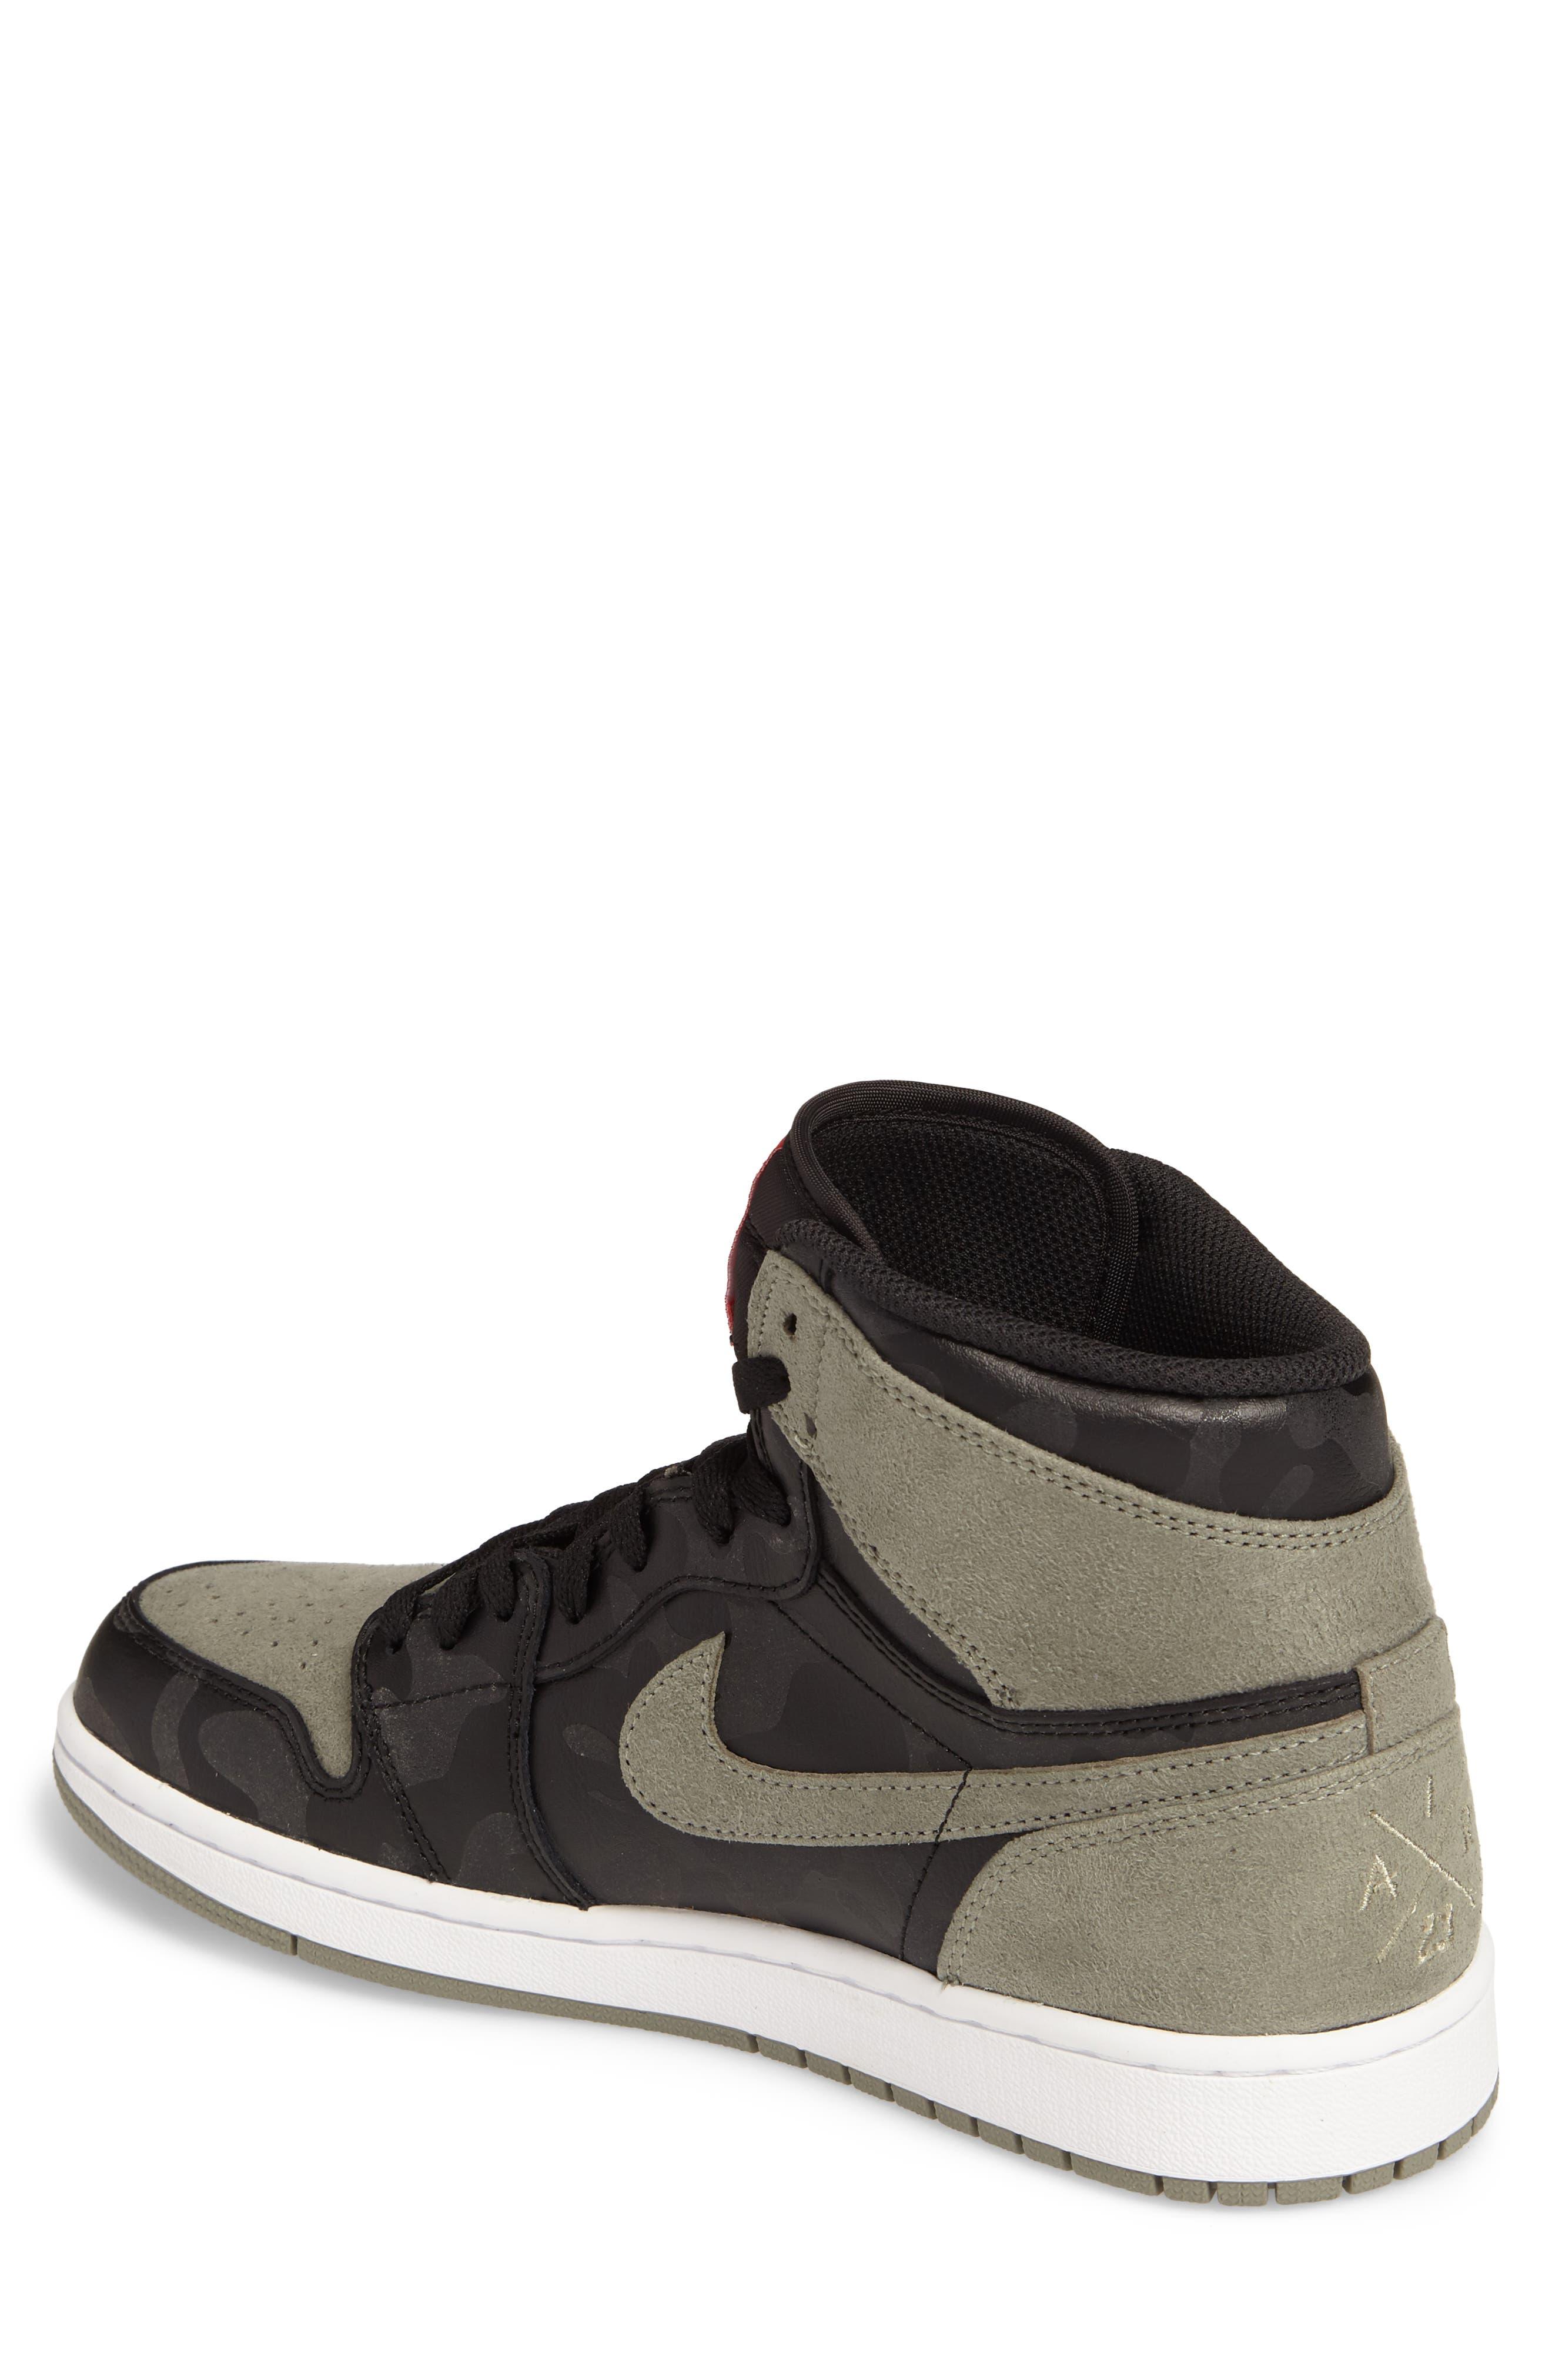 Air Jordan 1 Retro High Top Sneaker,                             Alternate thumbnail 2, color,                             003